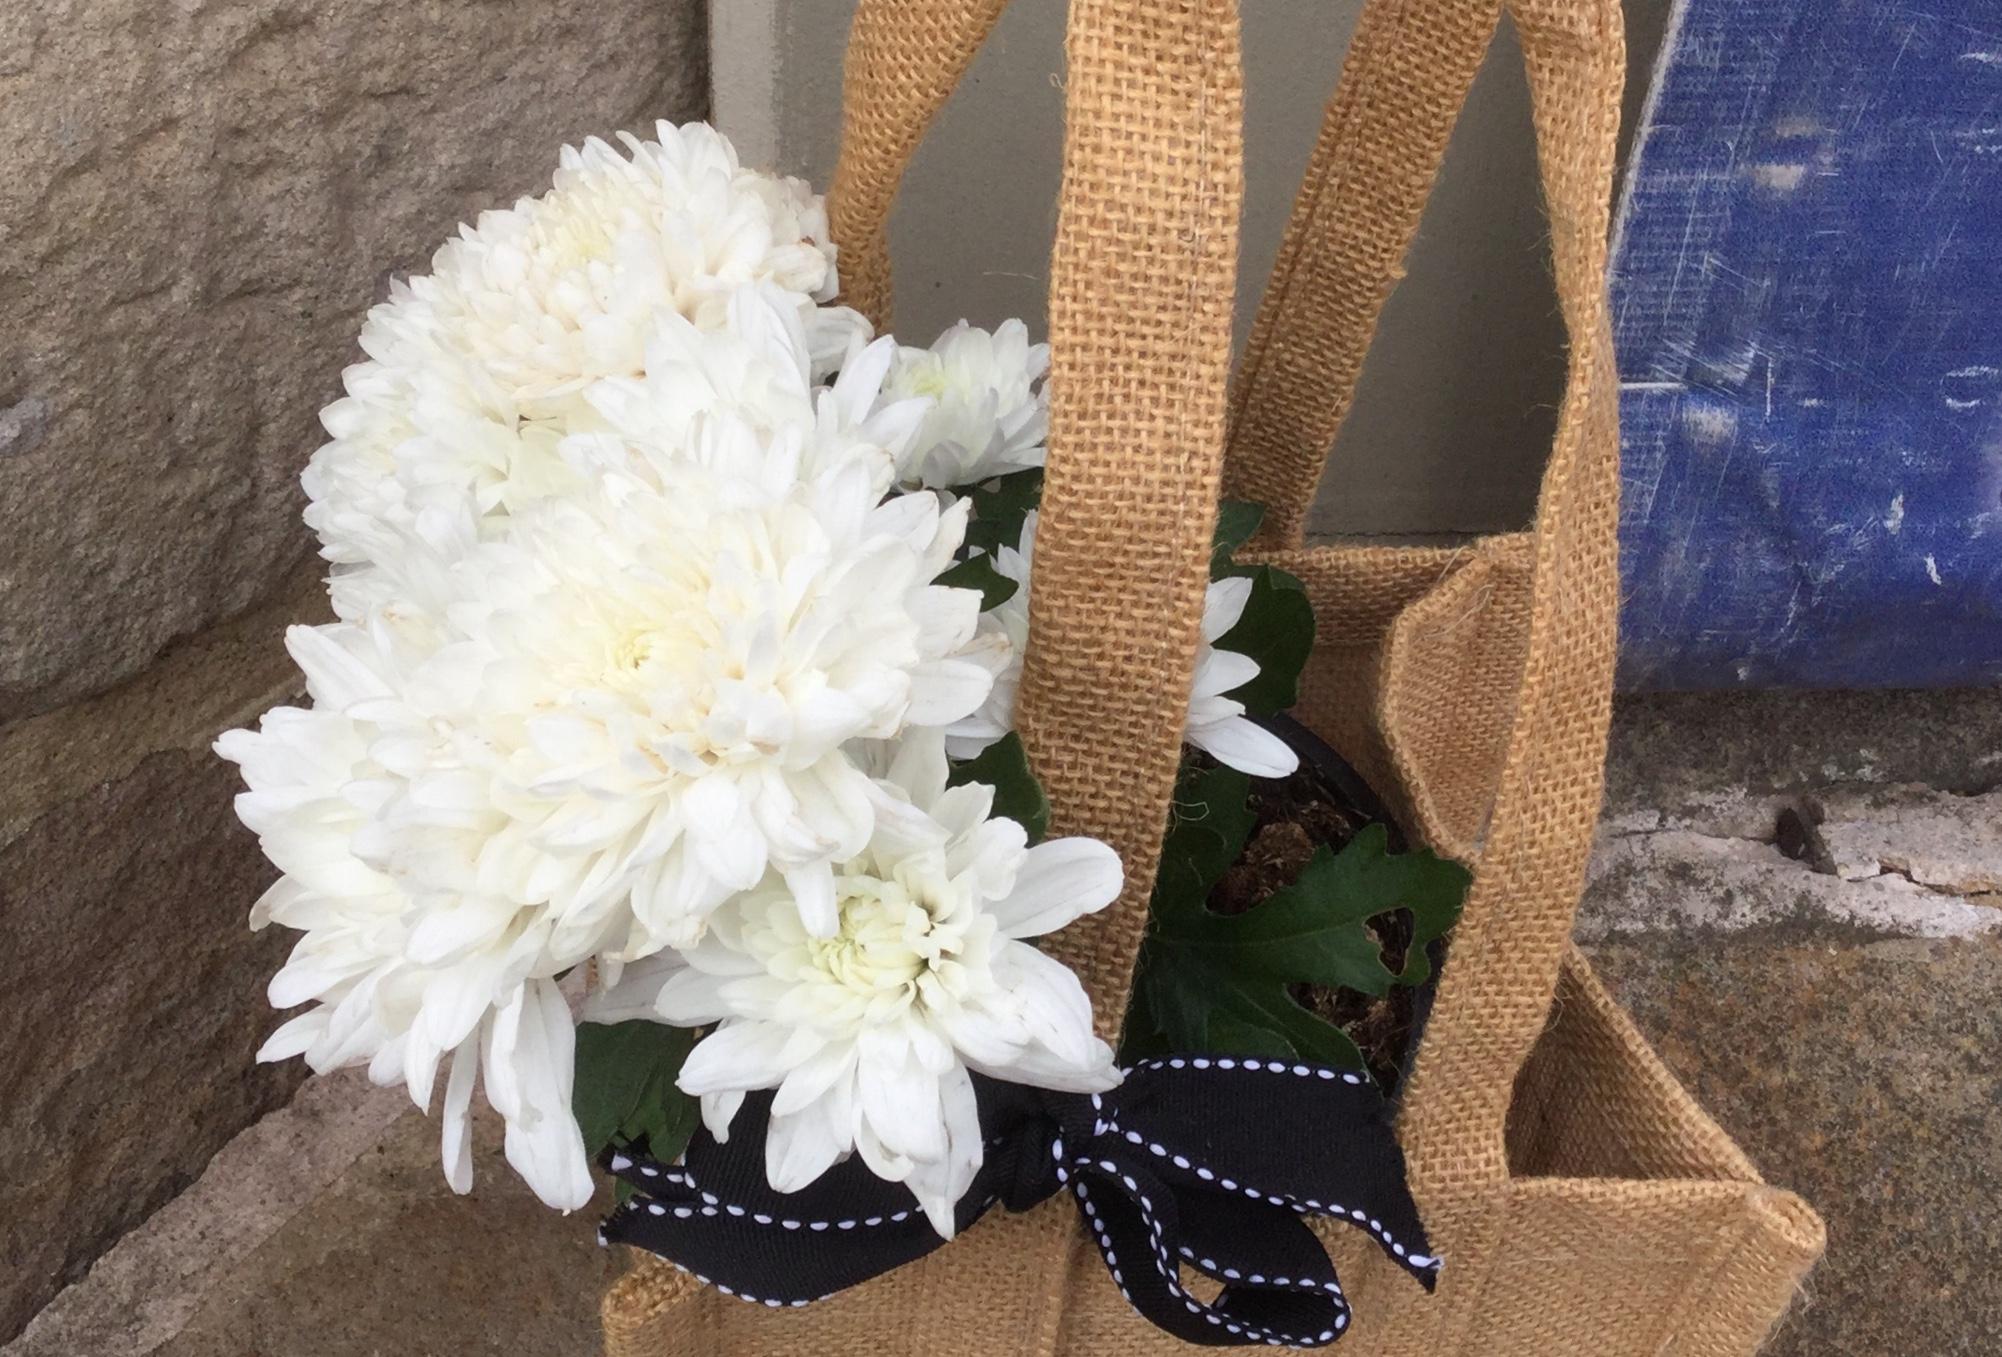 オーストラリアの母の日には白い菊の花を贈るのはなぜ⁉︎